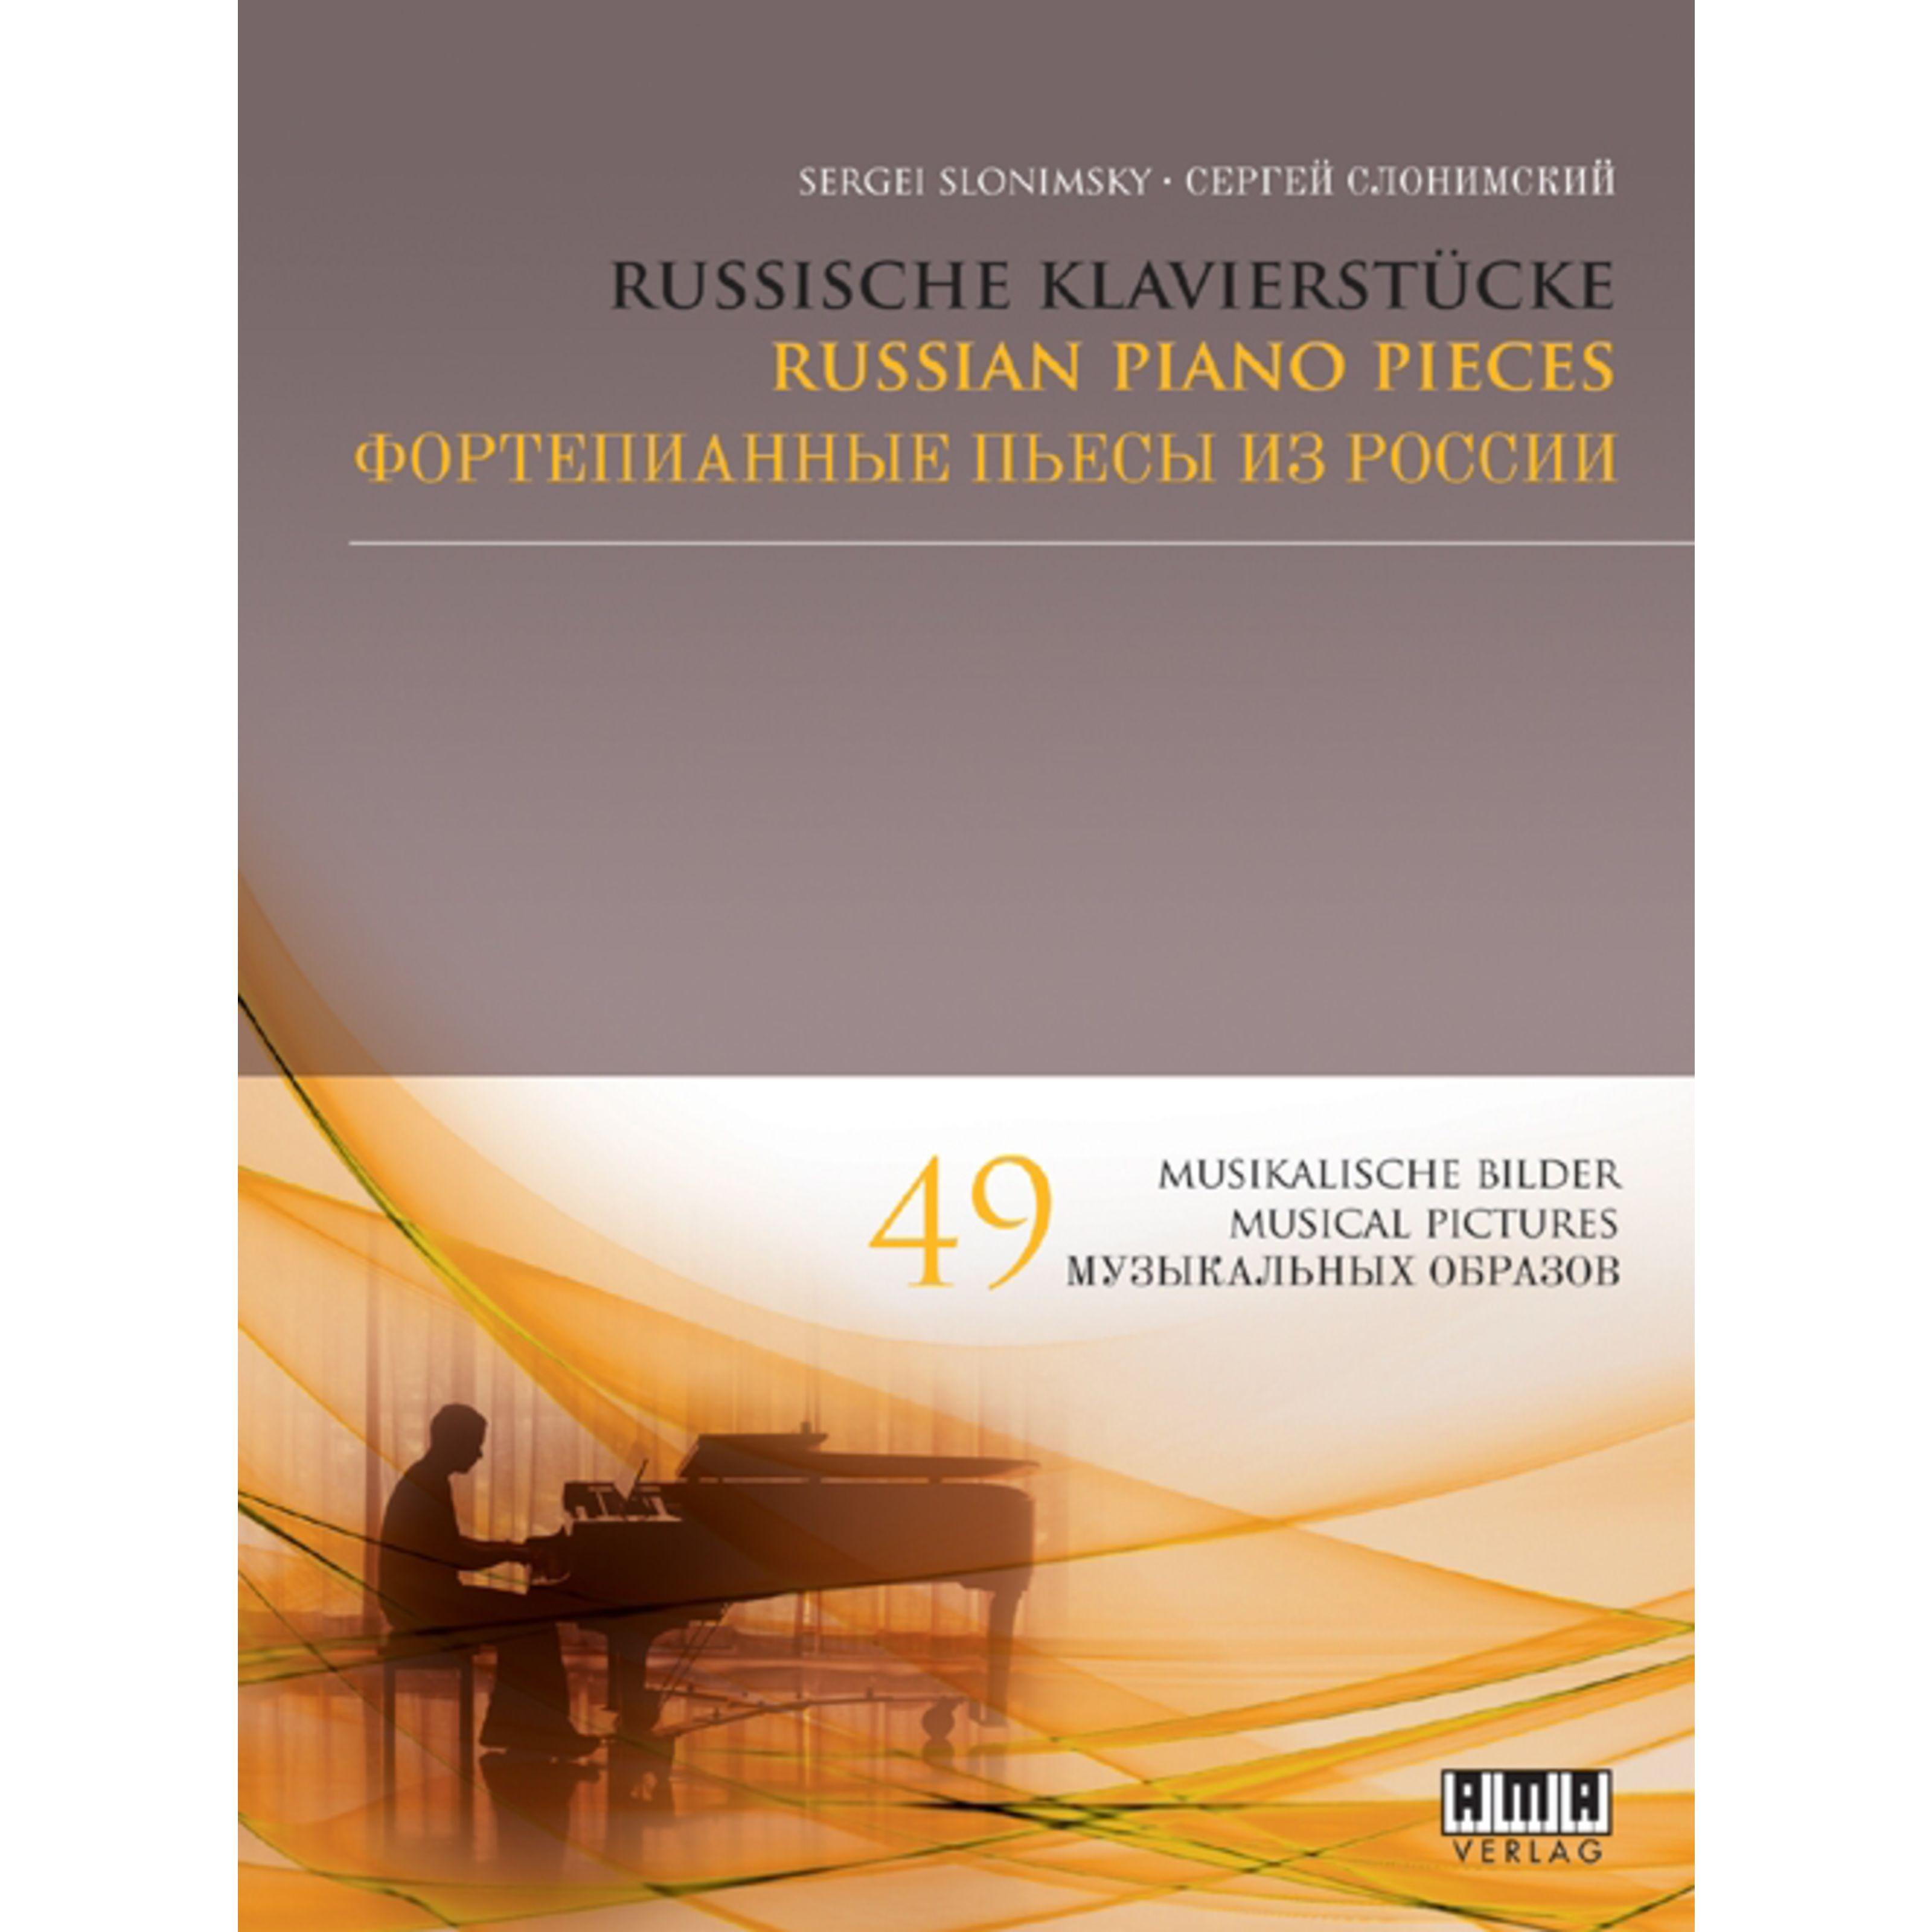 AMA Verlag - Russische Klavierstücke Sergei Slonimsky, Klavier 610443